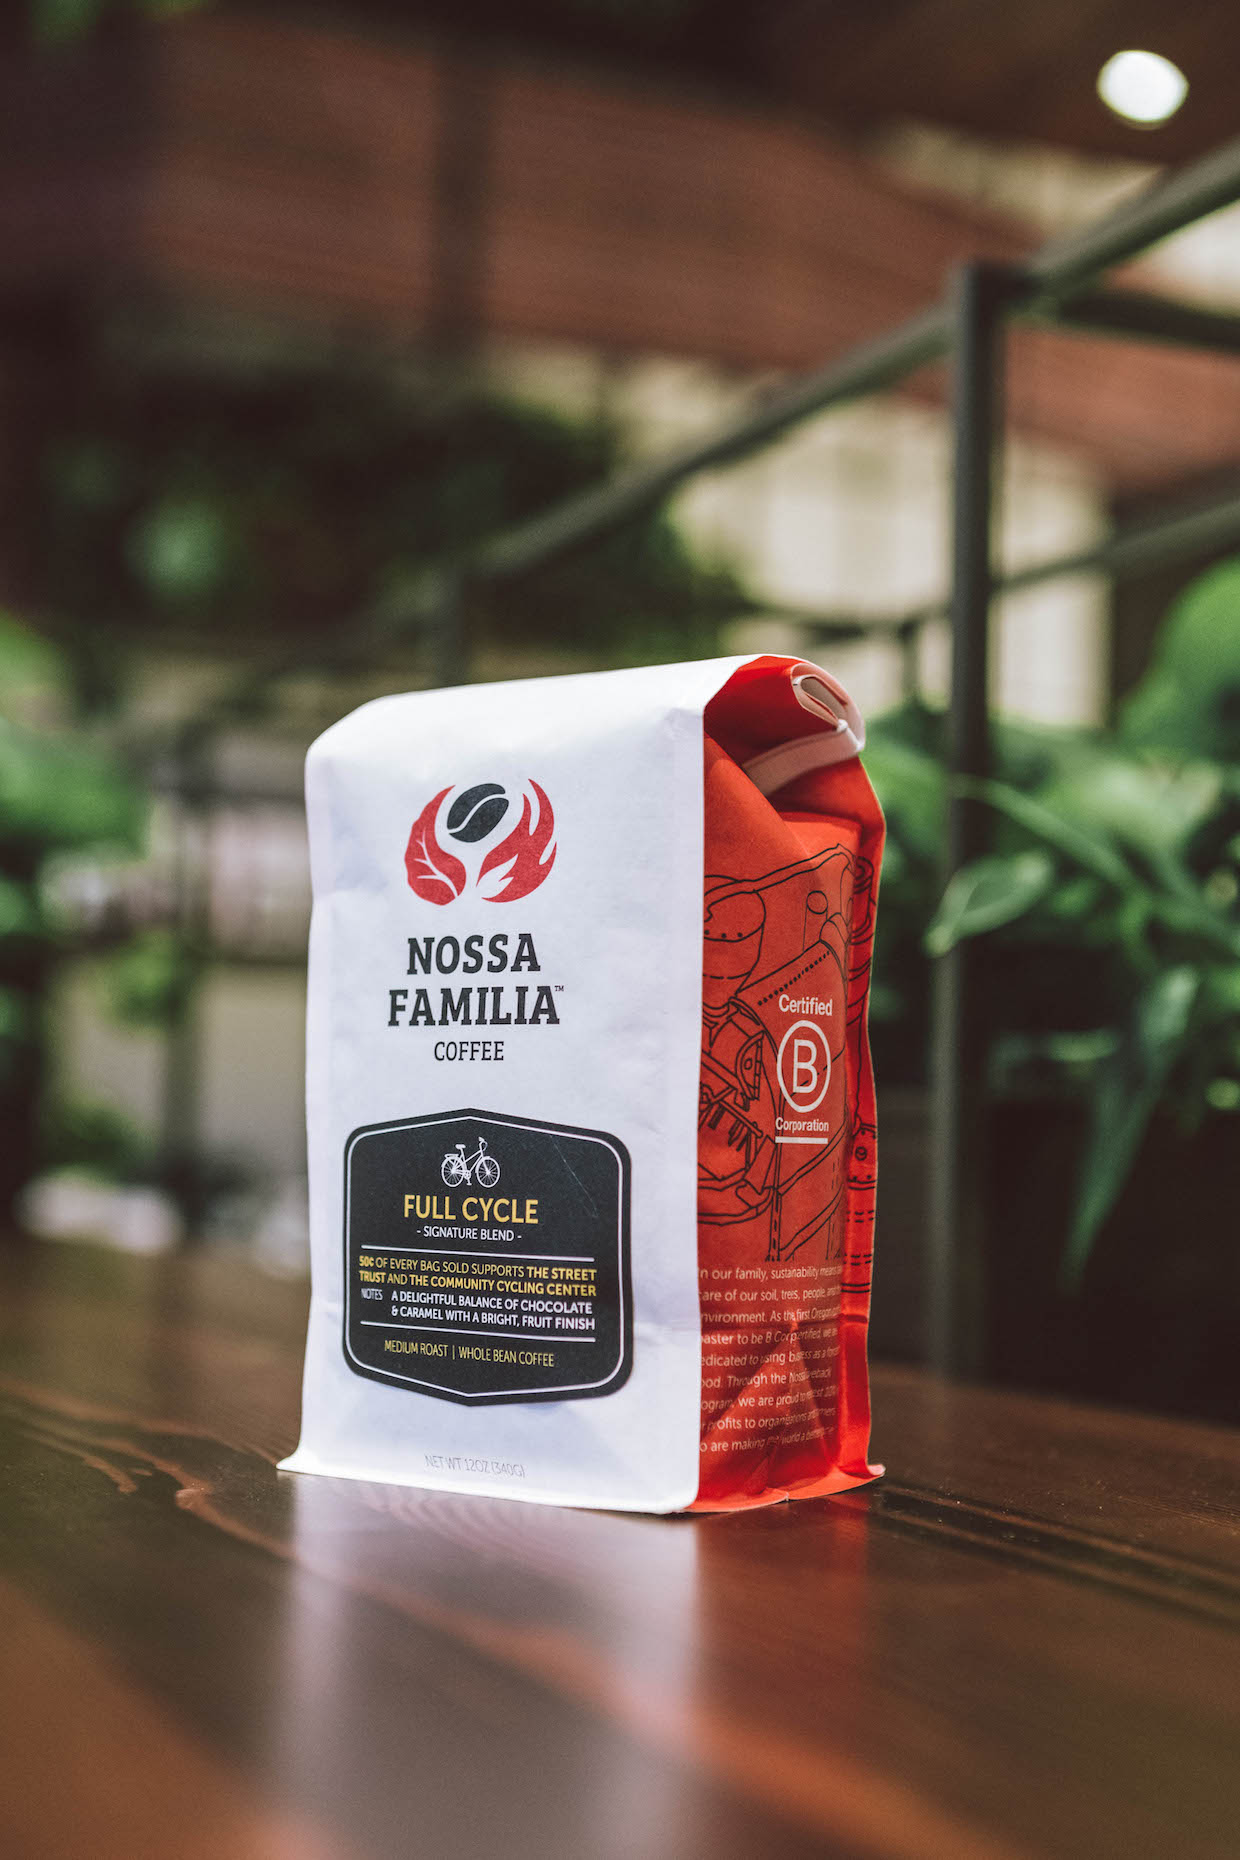 nossa-familia-coffee-bag.jpg